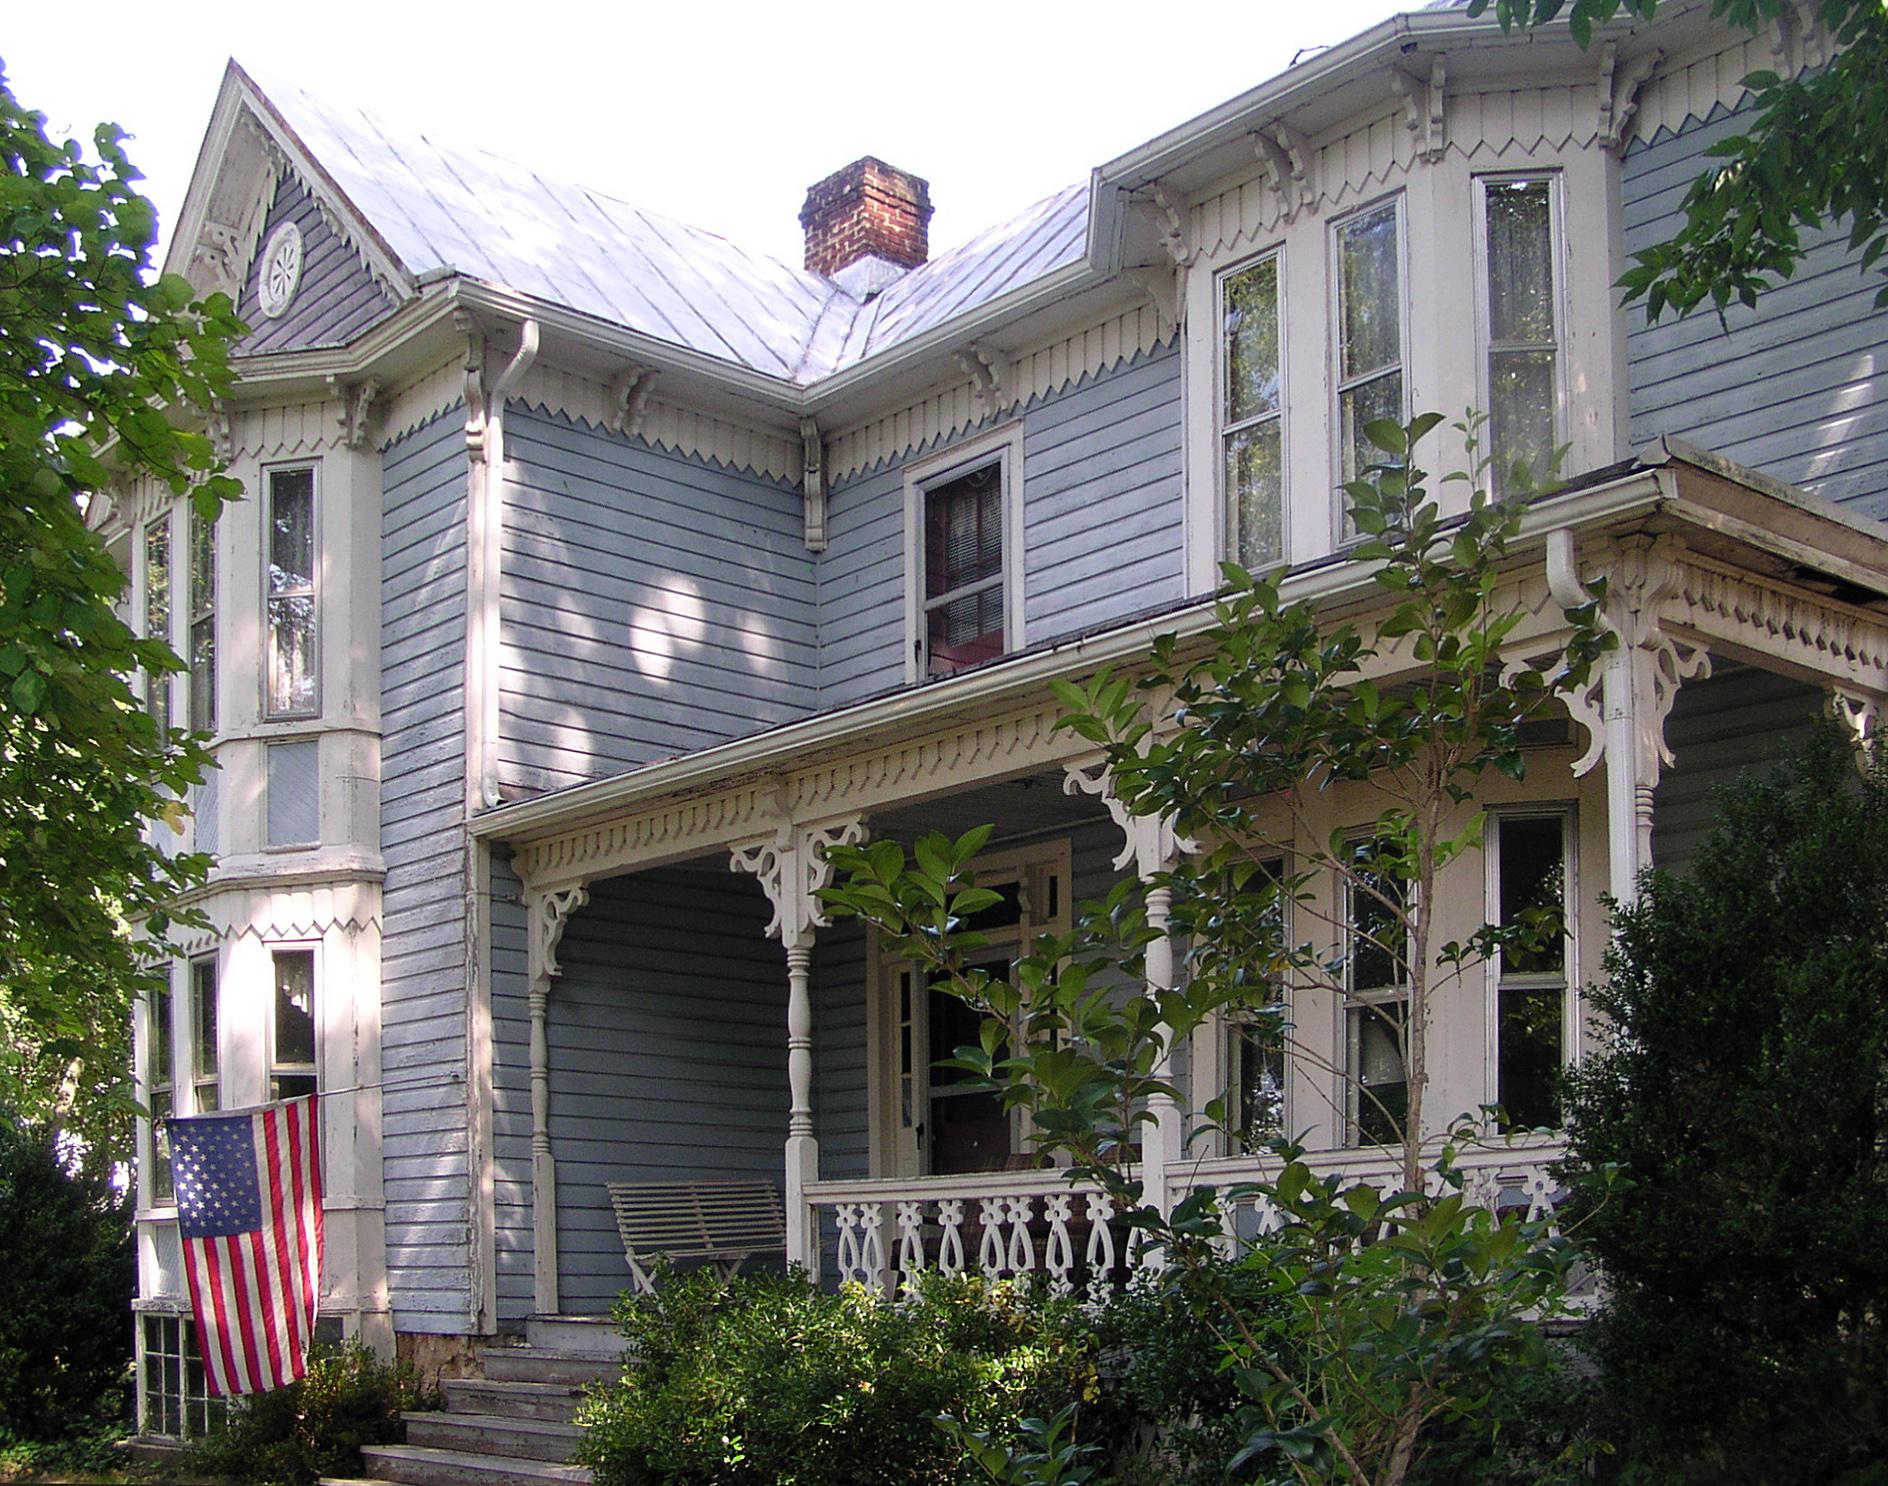 W.N. Seay House